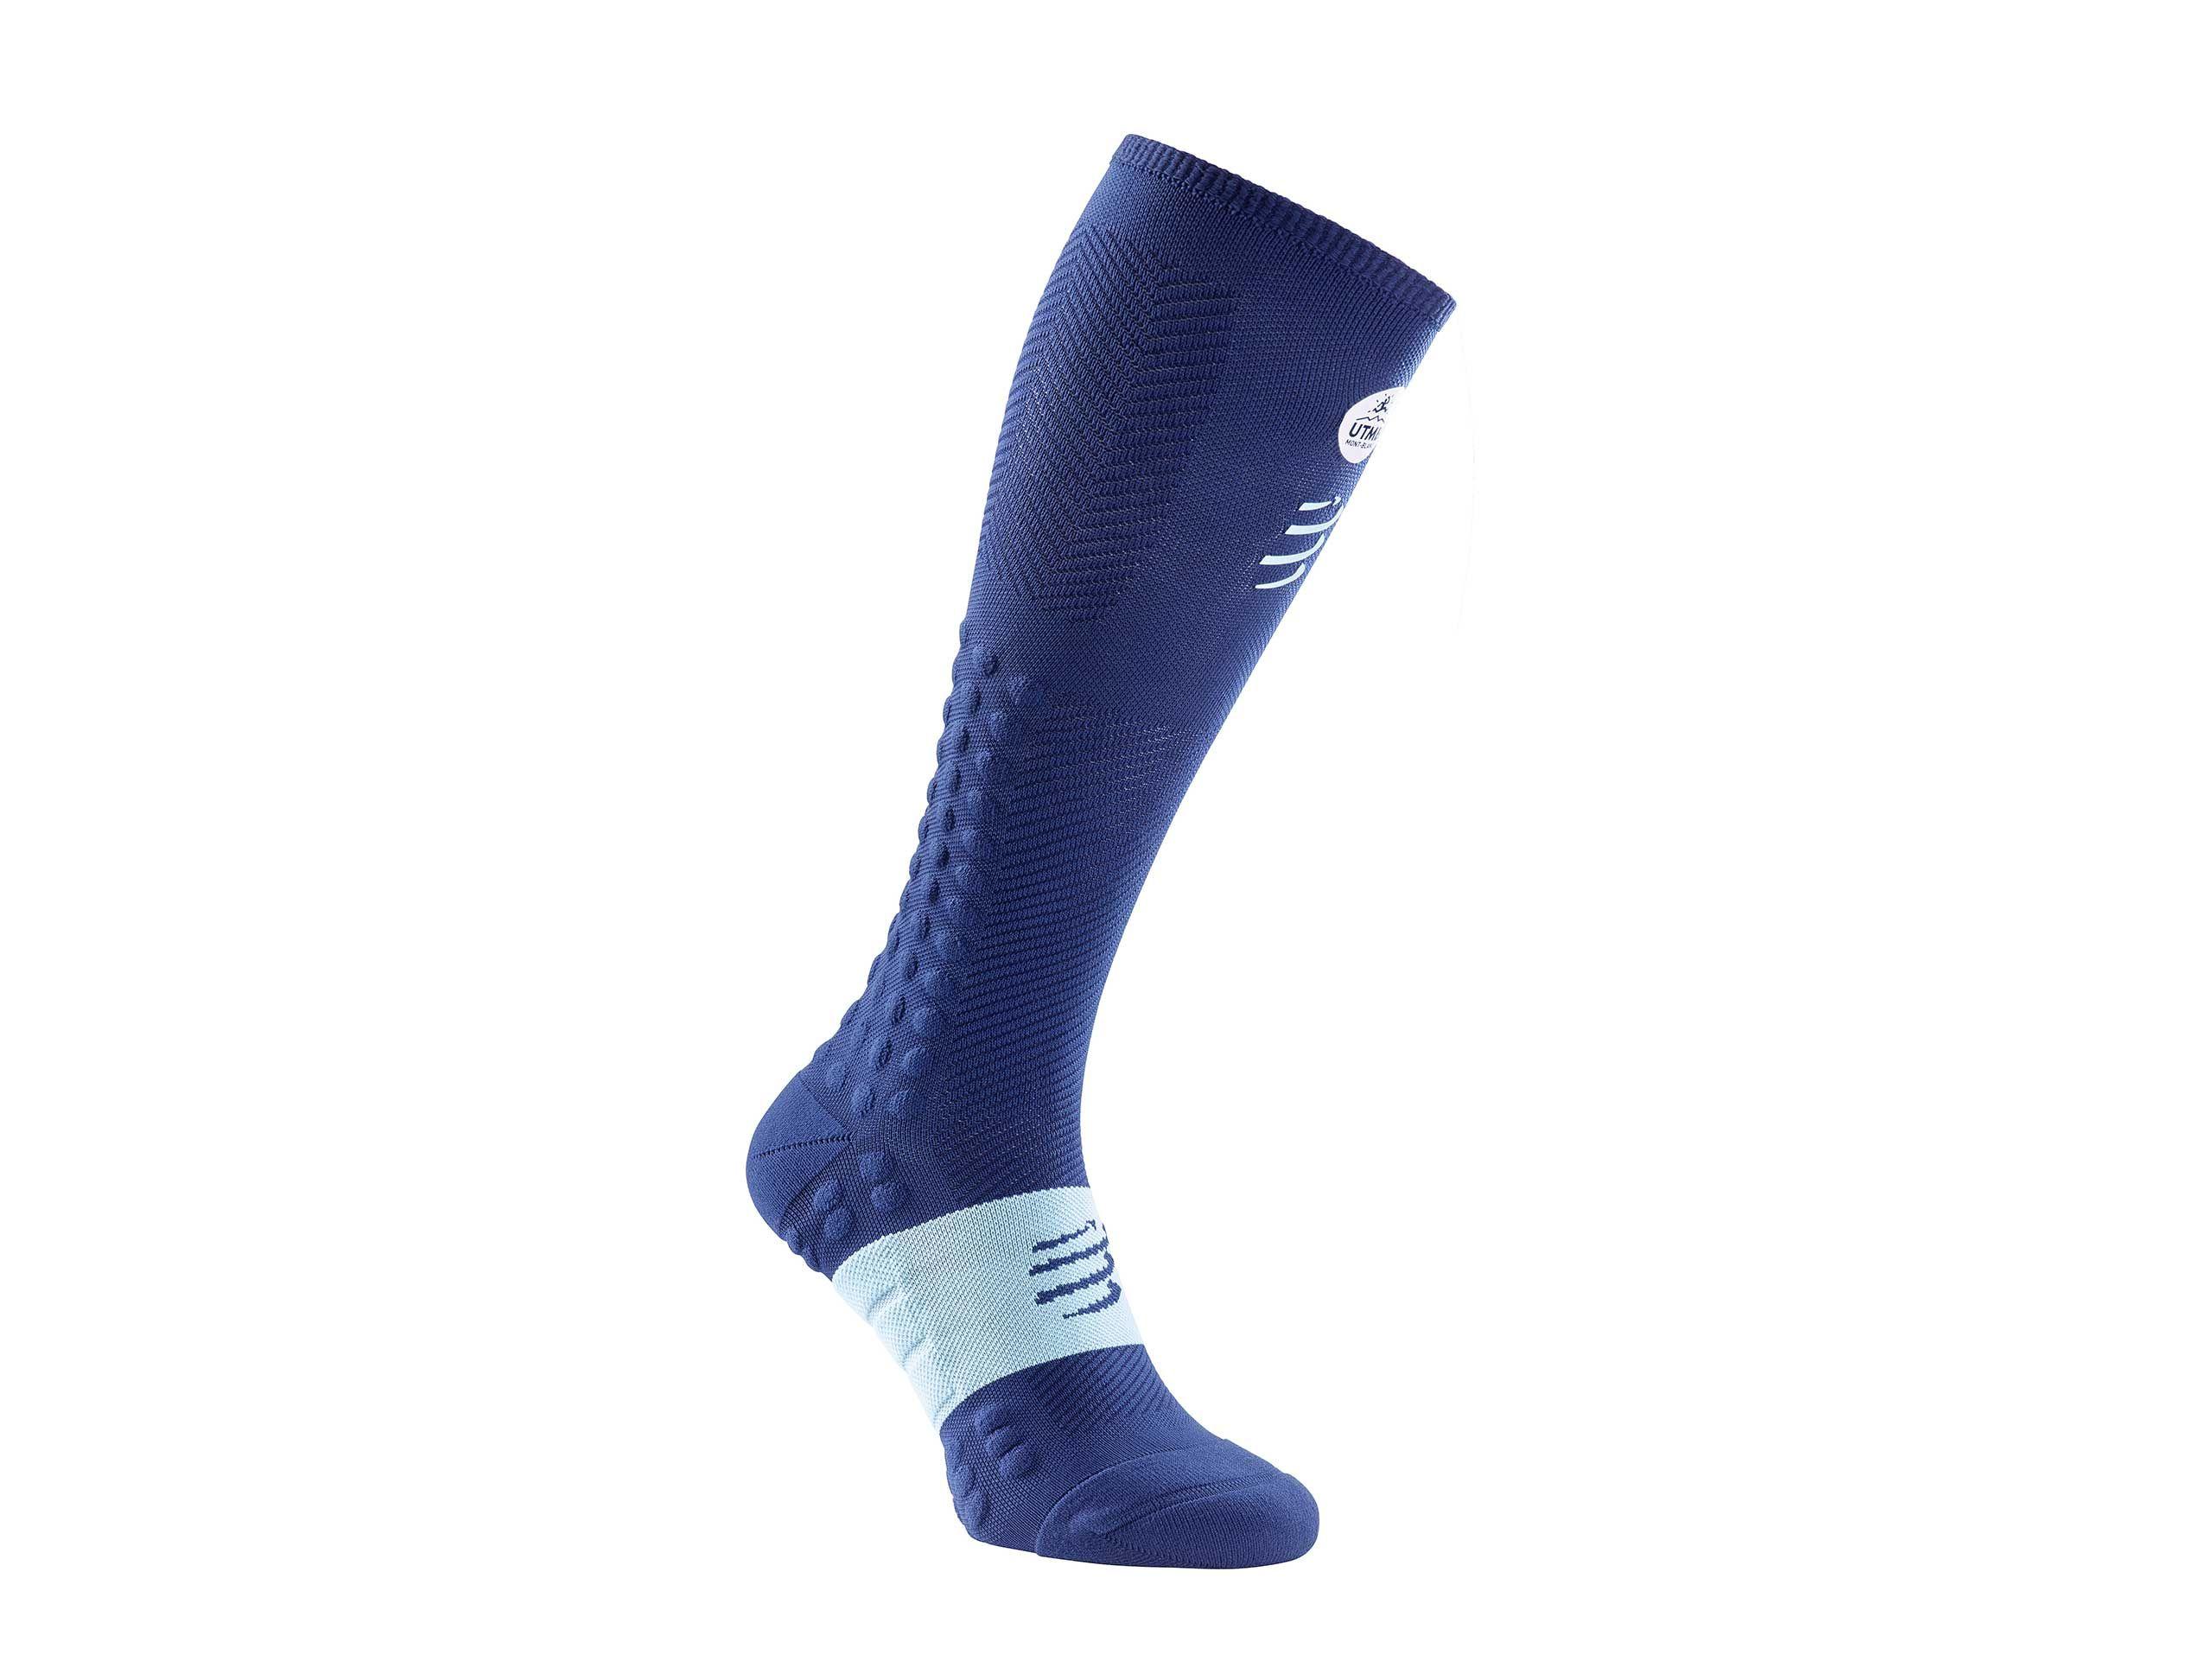 Full Socks Race & Recovery - UTMB 2020